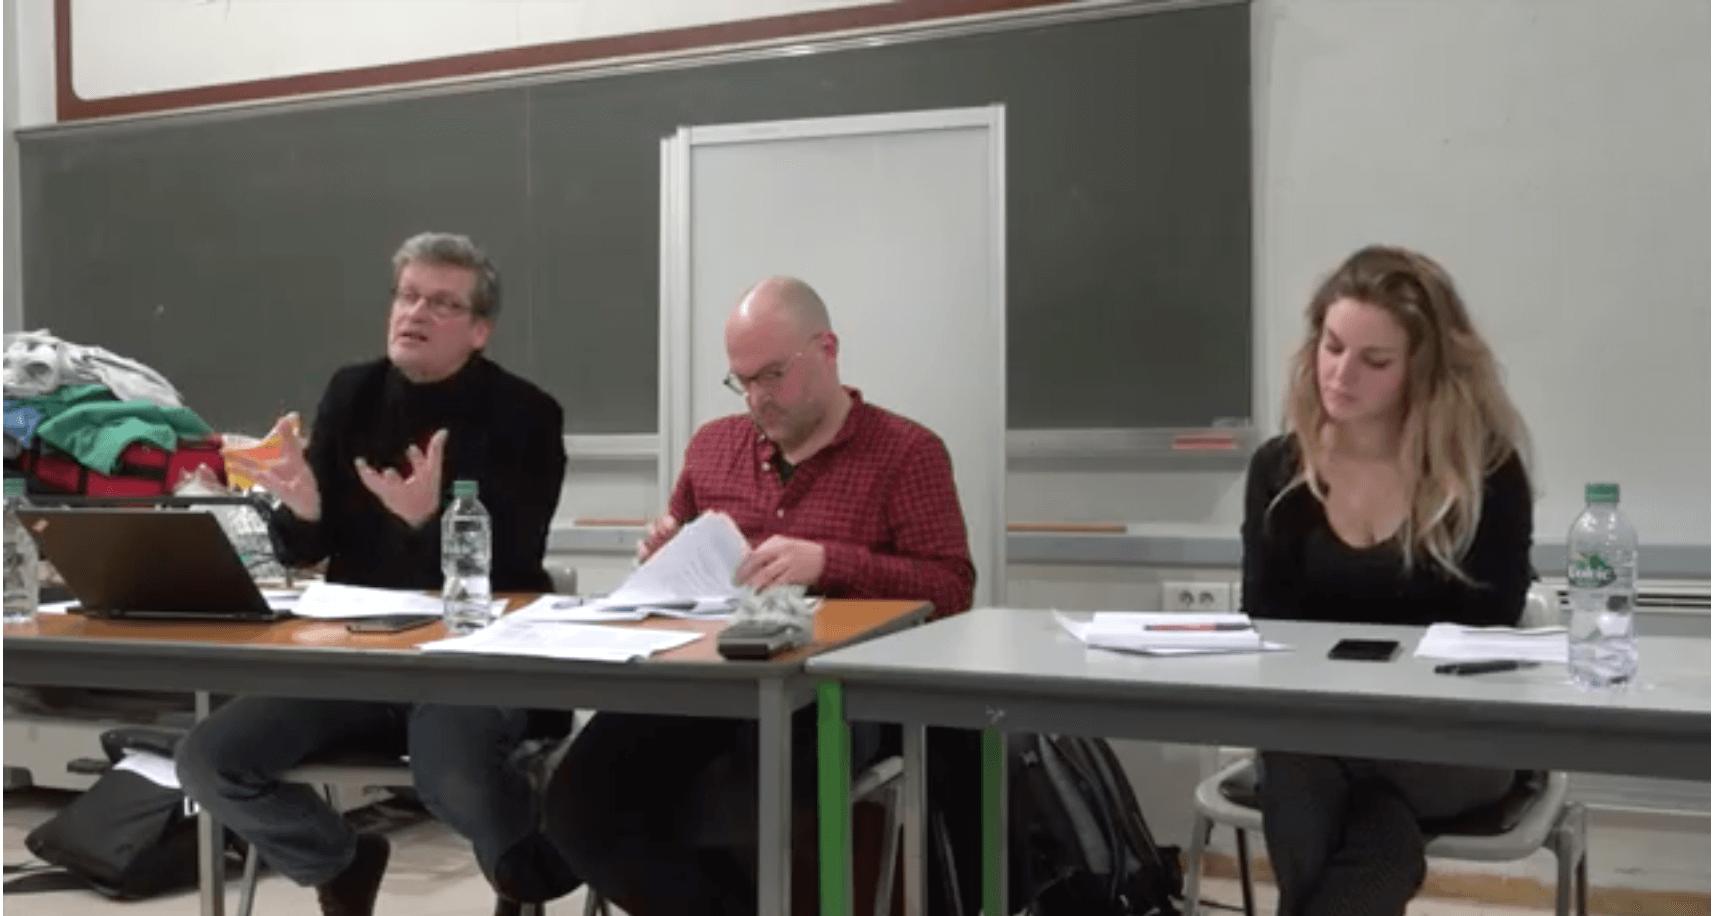 Le soin – Jean Philippe Cobbaut et Alain Loute